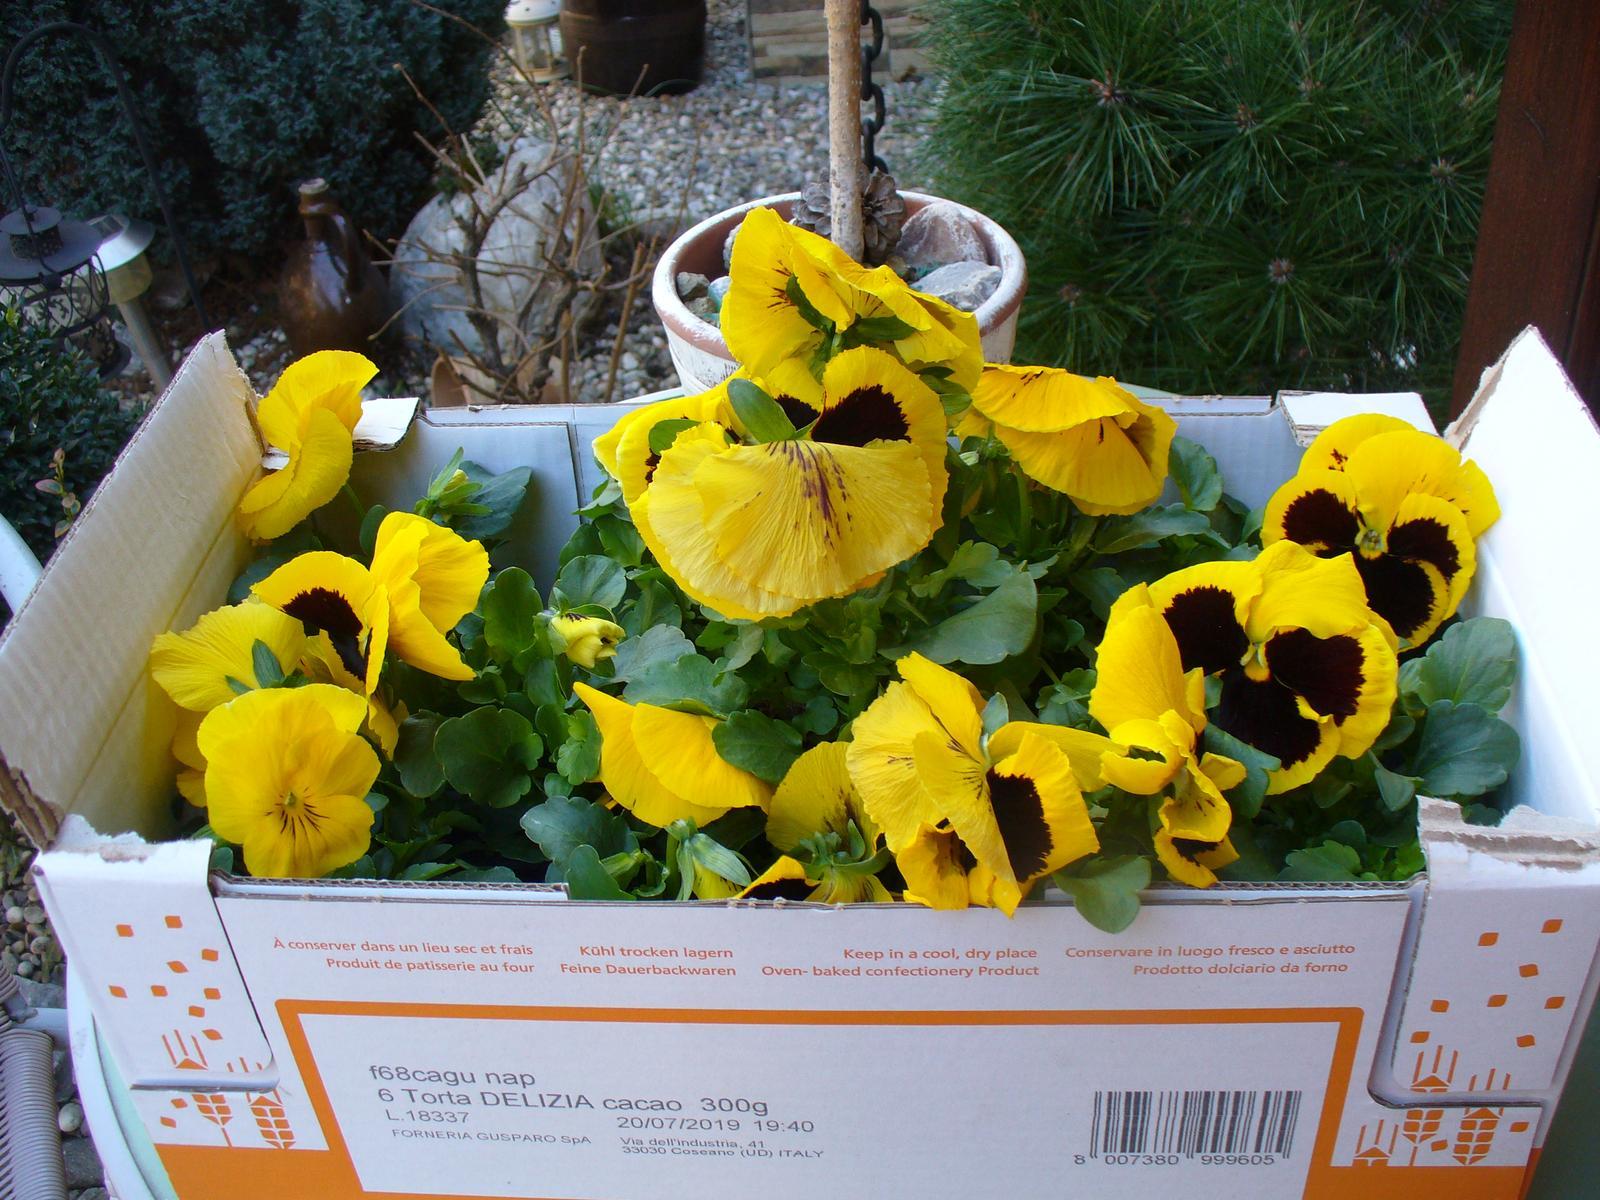 Prerábka, sadenie a úpravy v našej mini záhradke. - nakúpené sirôtky